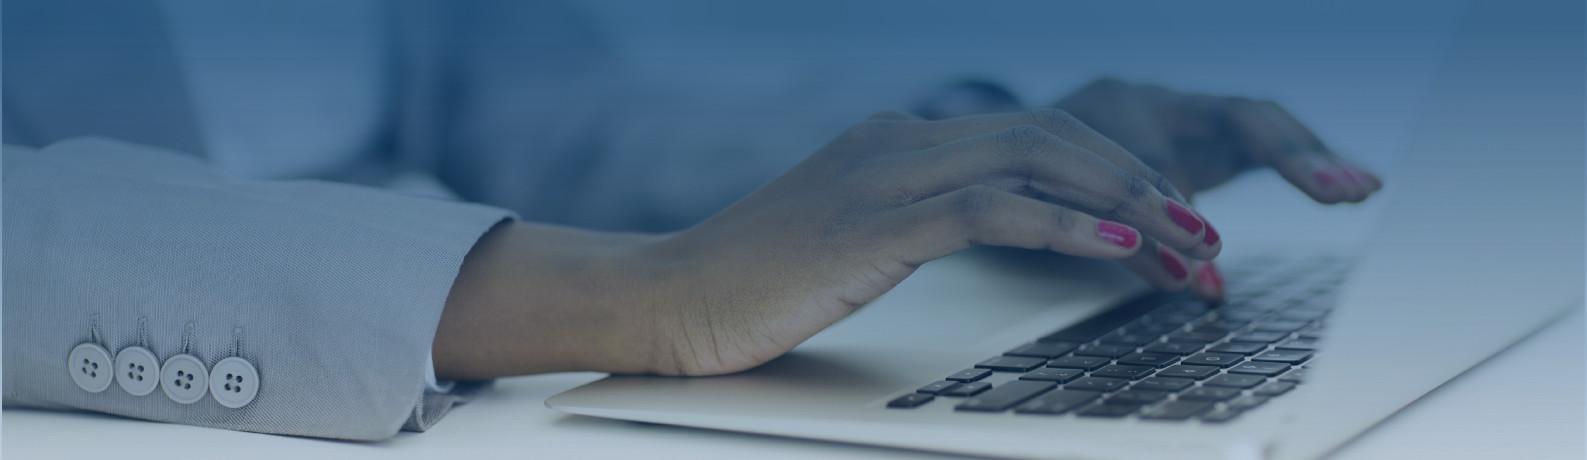 http://serpro.gov.br/menu/contato/cliente/duvidas-mais-frequentes/siscomex/siscomex